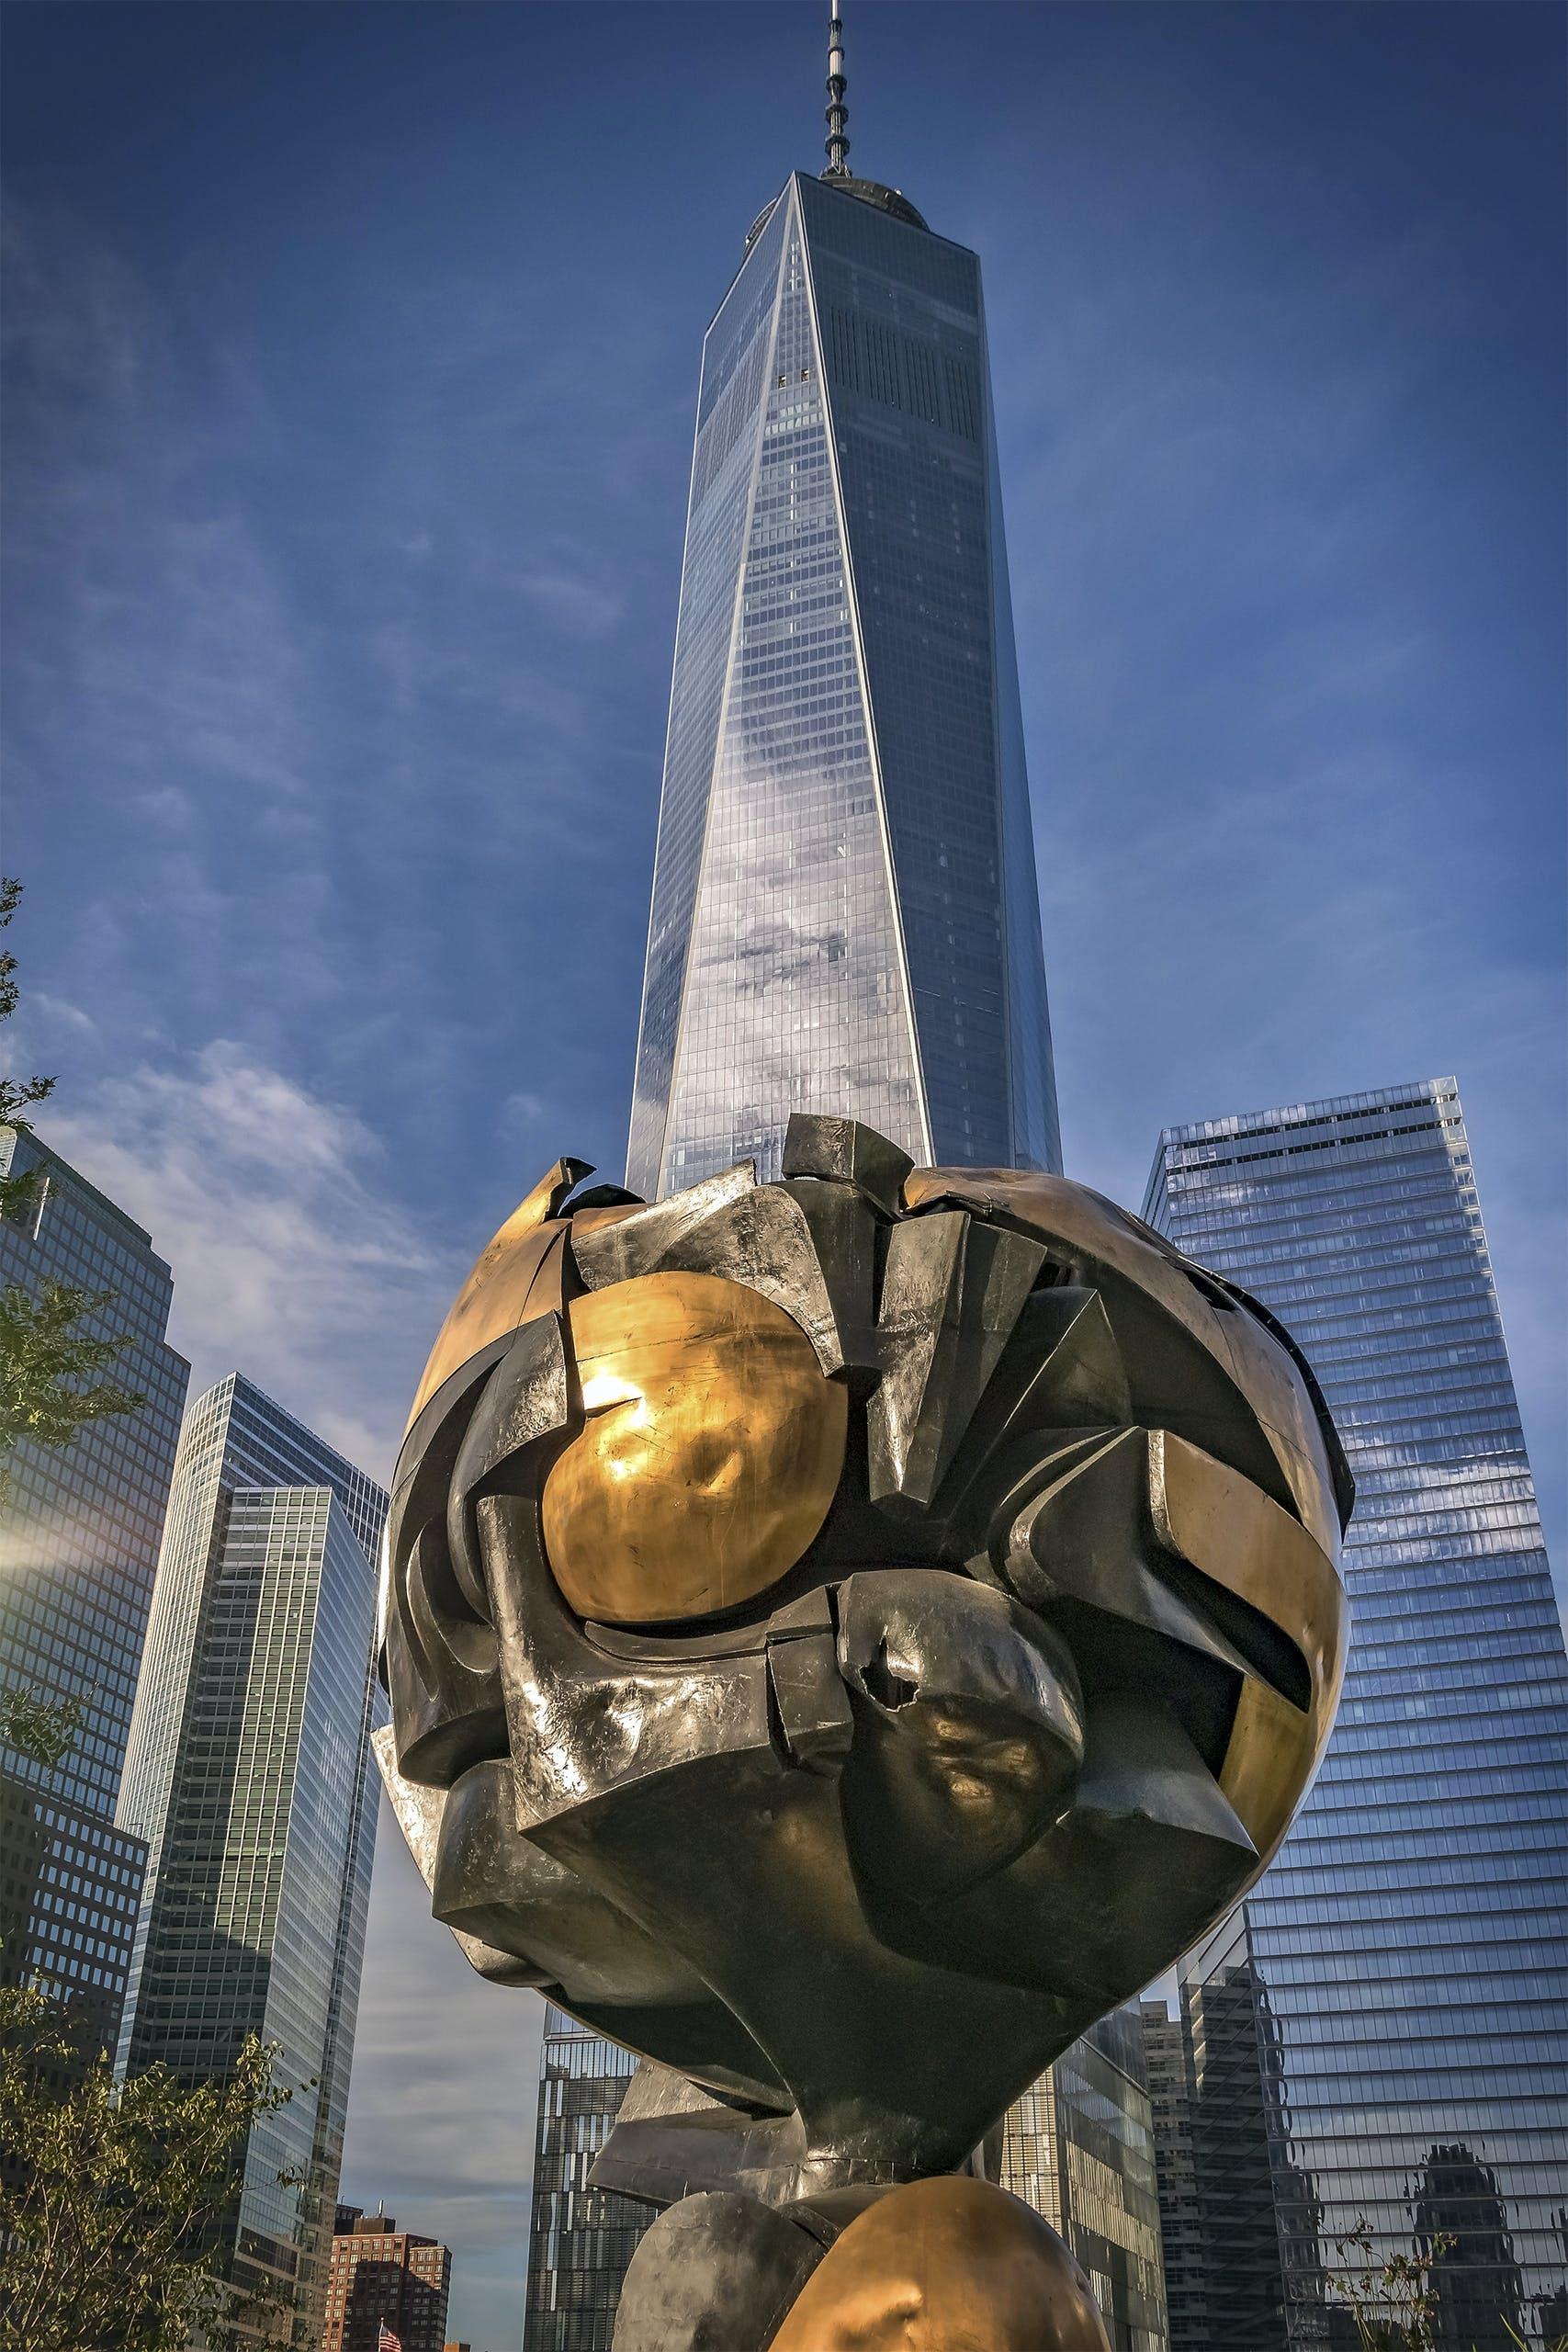 グラウンドゼロ, グラウンドゼロ記念館, スカイスケープ, ローワーマンハッタンの無料の写真素材